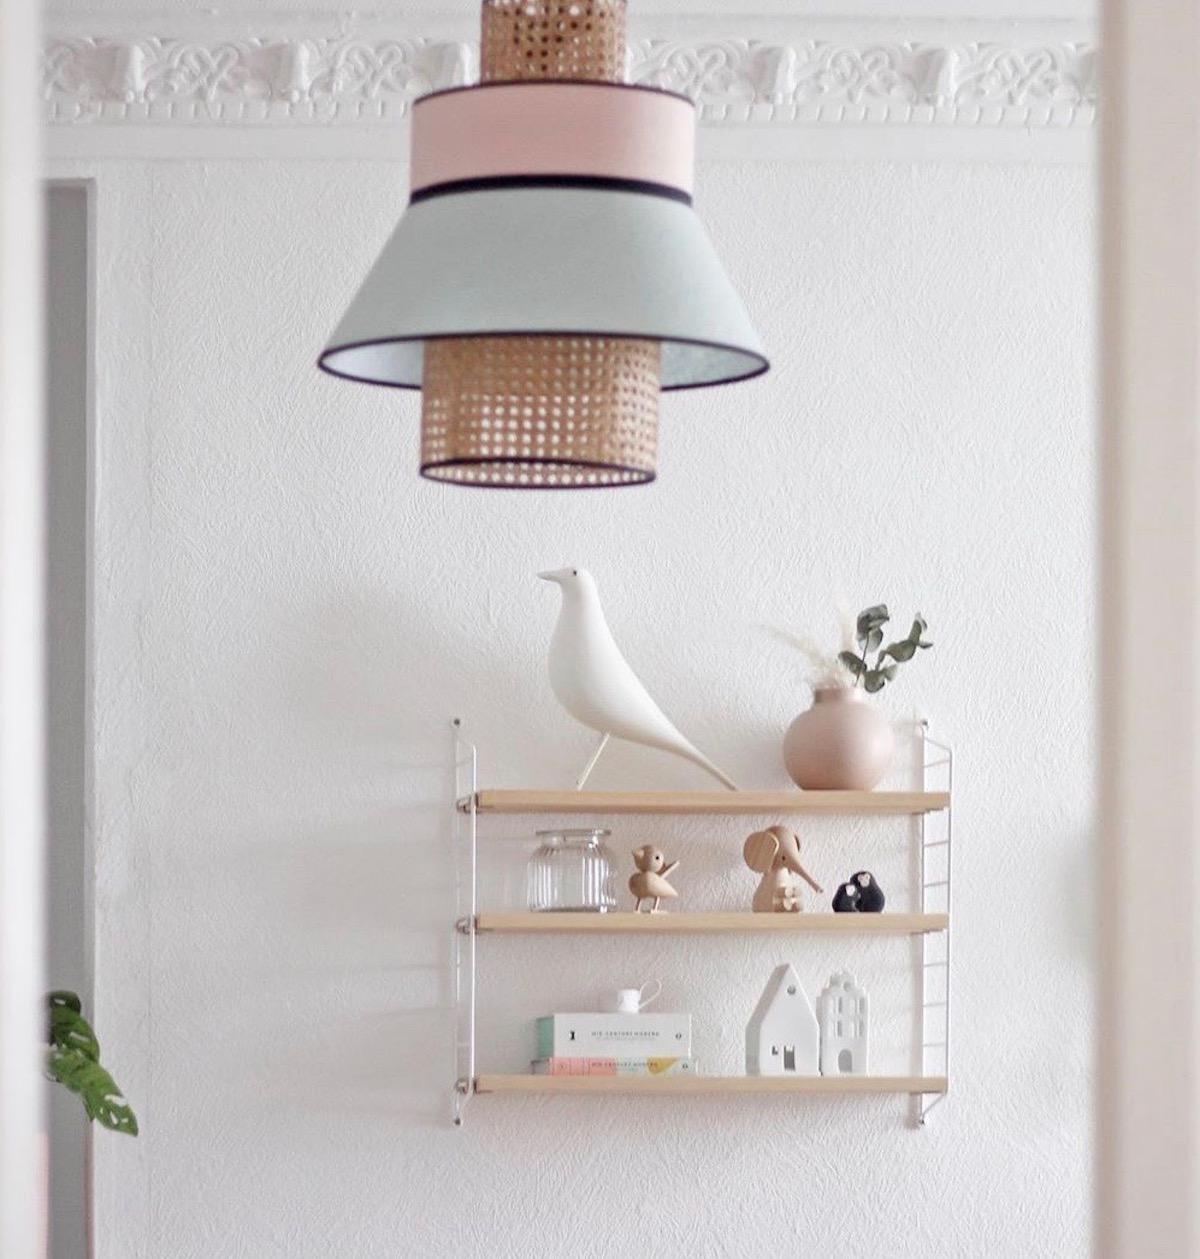 suspension rotin étagère bois métal blanc oiseau eames - clemaroundthecorner